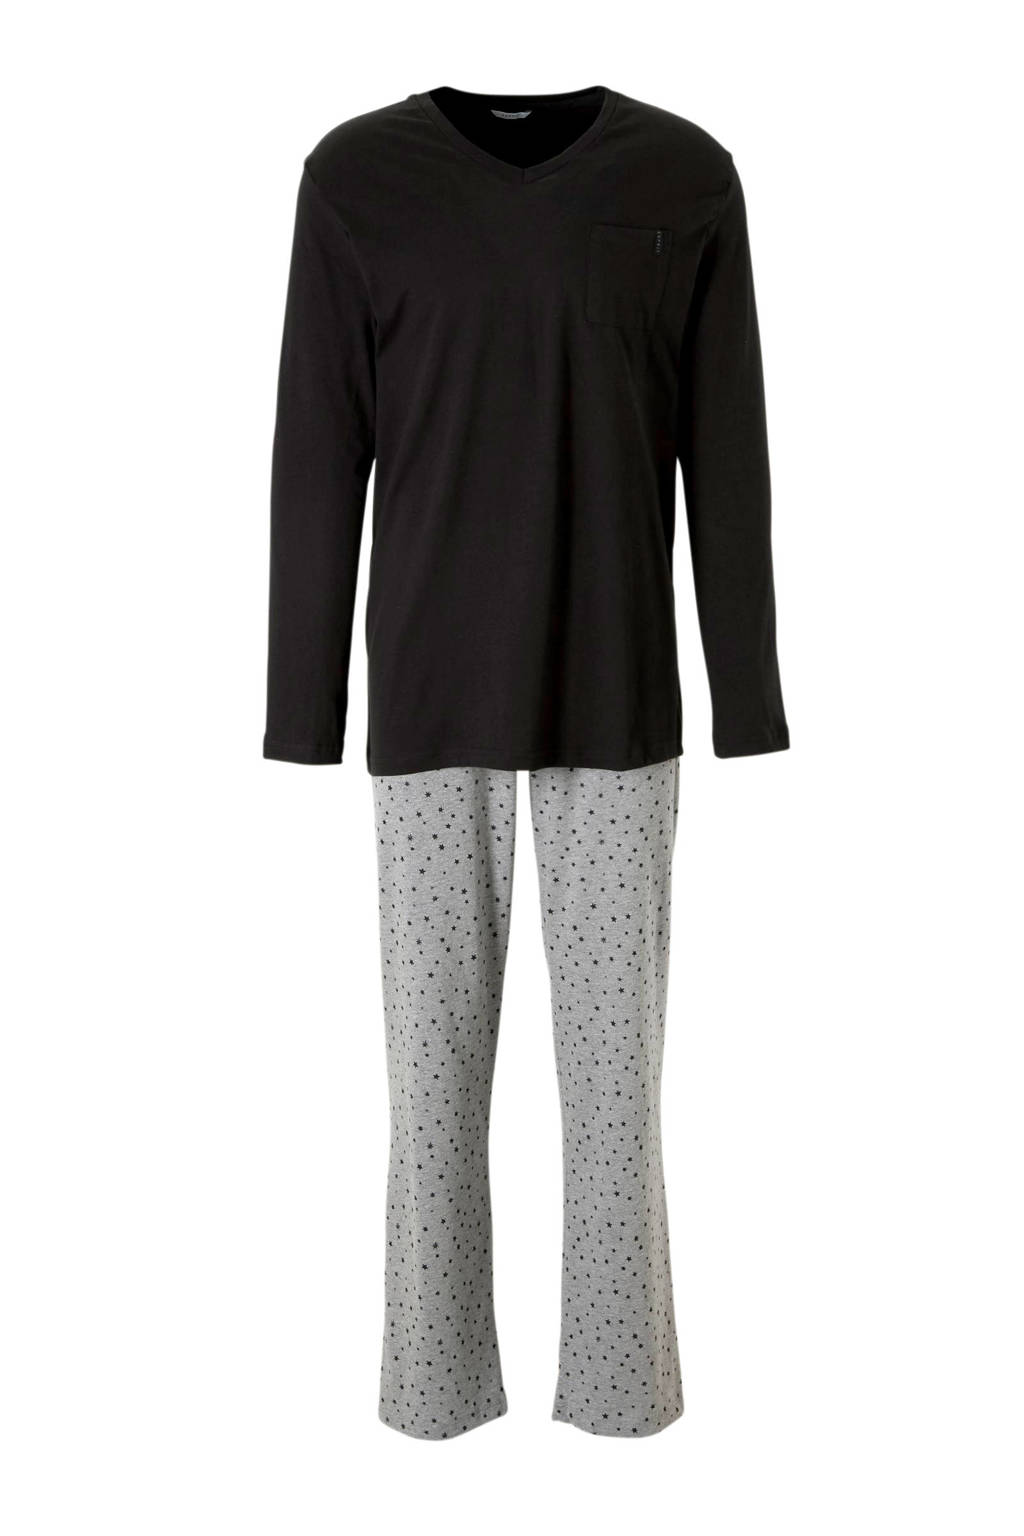 ESPRIT Men Bodywear pyjama met sterren blauw, Zwart/grijs